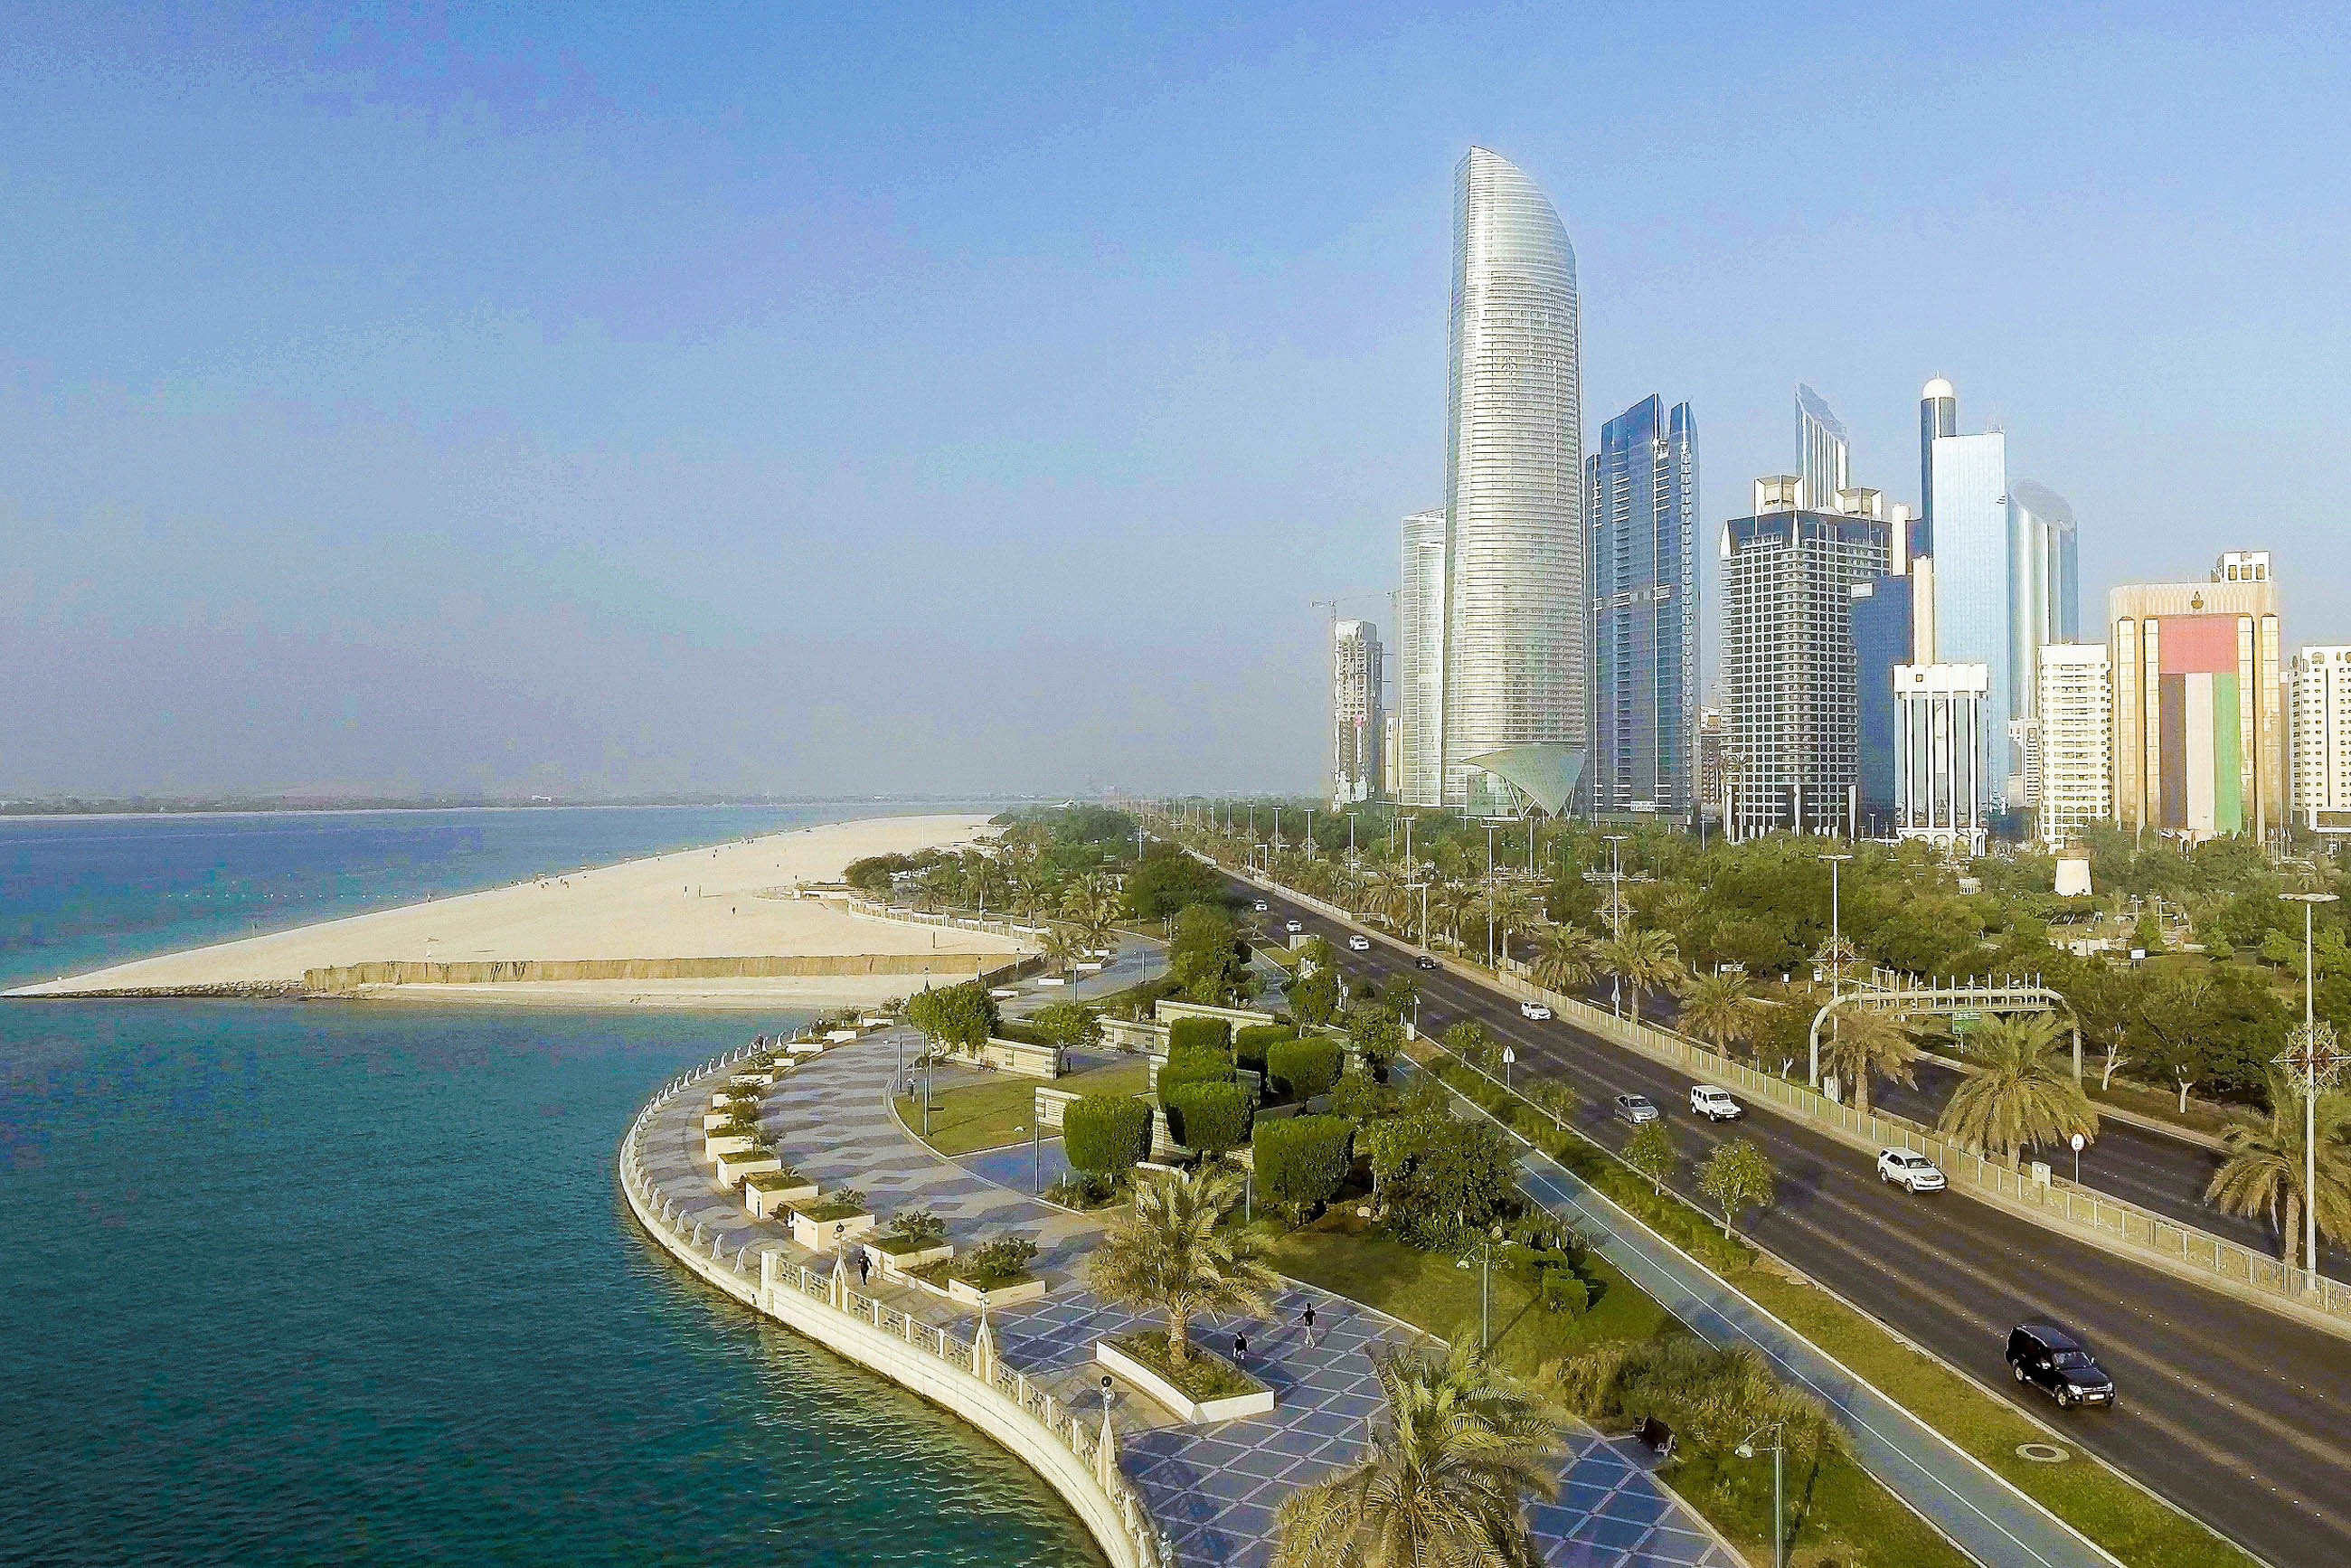 Die top 10 sehensw rdigkeiten in abu dhabi vereinigte arabische emirate franks travelbox - Abu dhabi luoghi di interesse ...